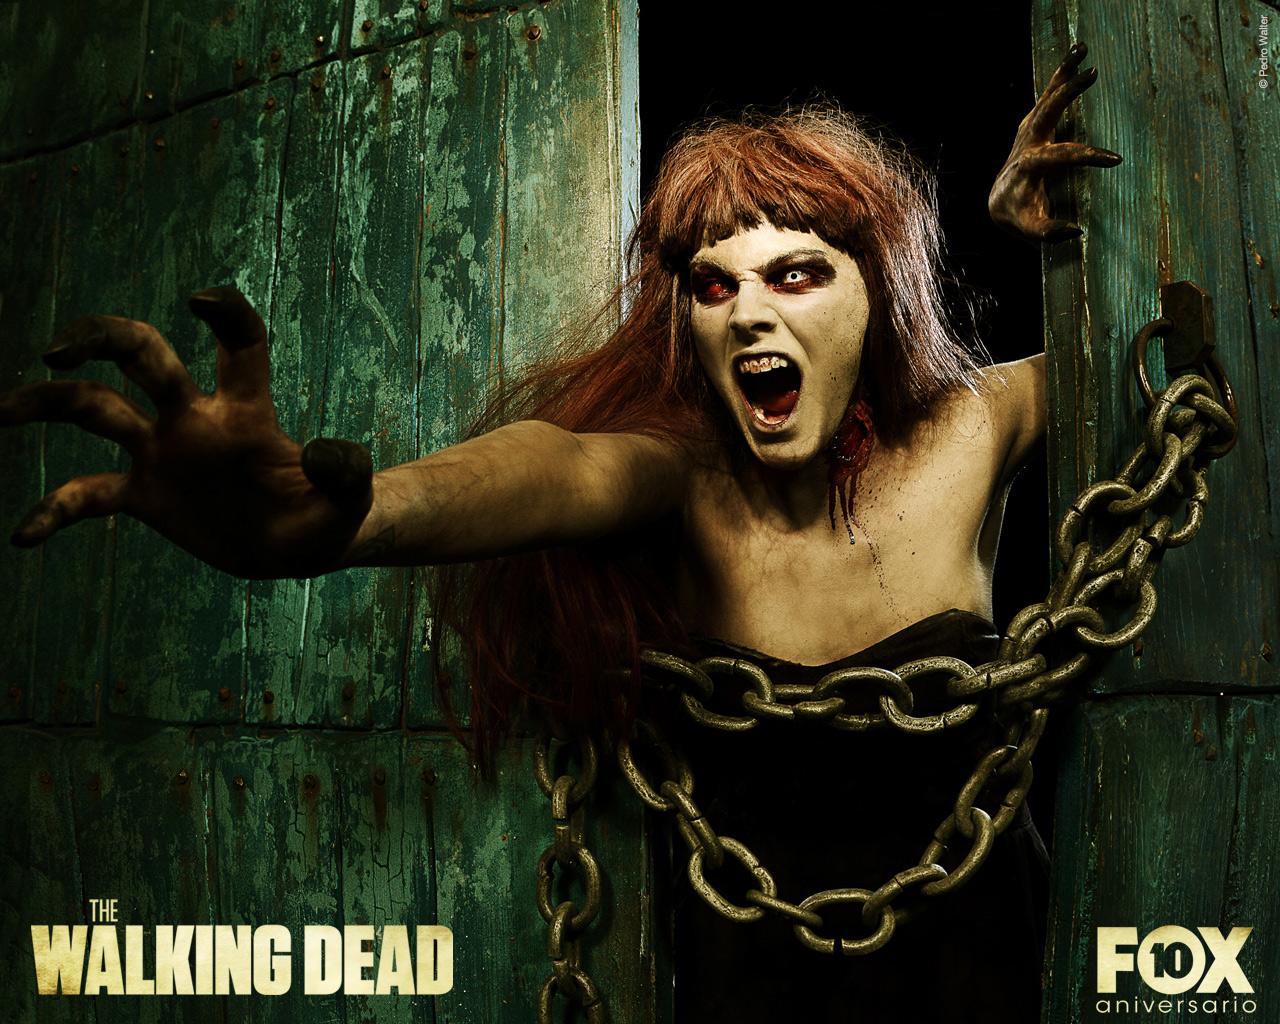 http://2.bp.blogspot.com/-eU0woGQEXzo/TpamEswXXOI/AAAAAAAAFCA/J_6FN67mDYU/s1600/the-walking-dead-amaia-salamanca.jpg